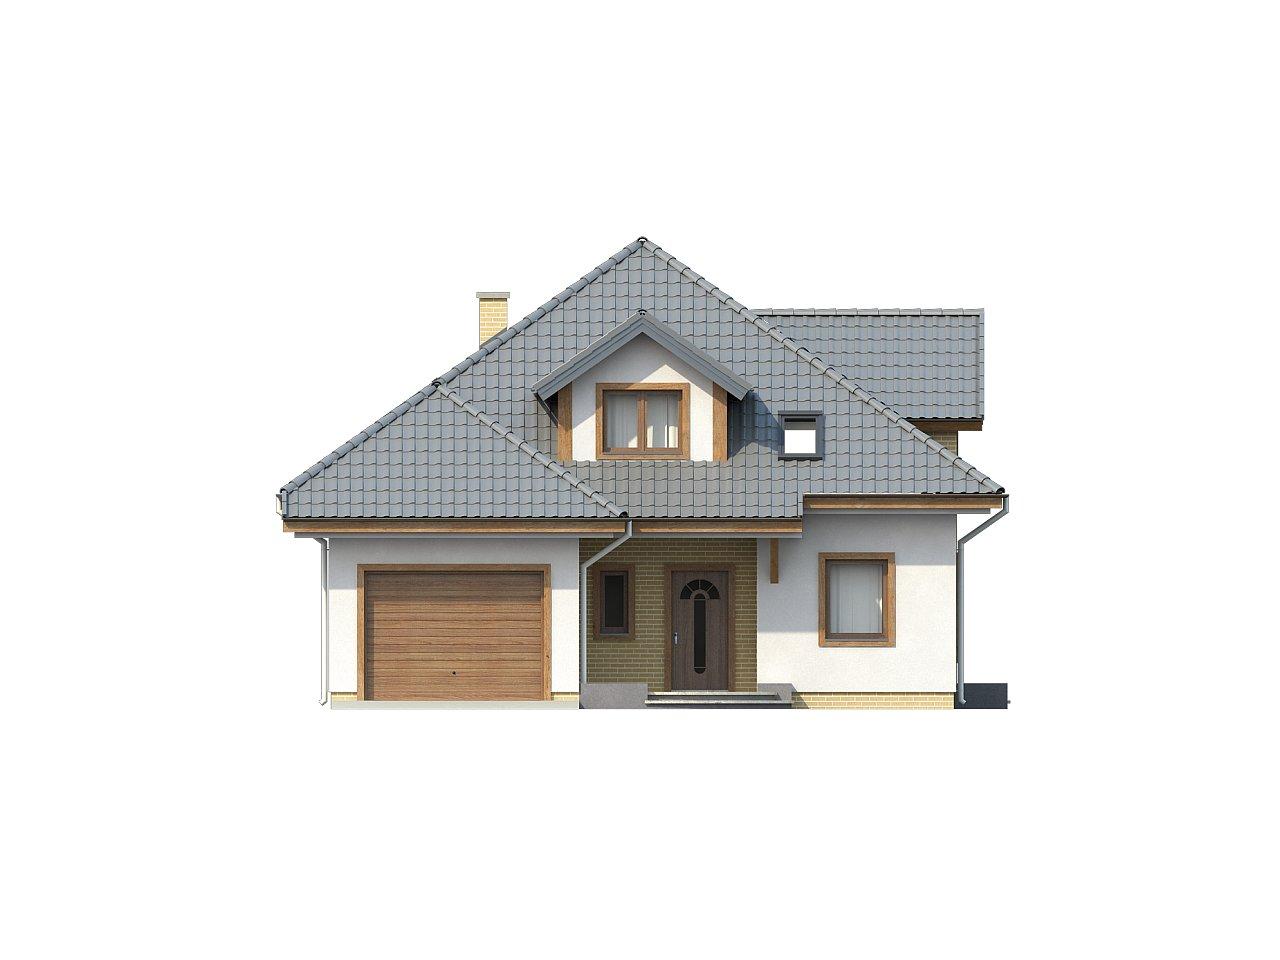 Проект дома с мансардой, с большим техническим помещением и дополнительной спальней на первом этаже. - фото 3